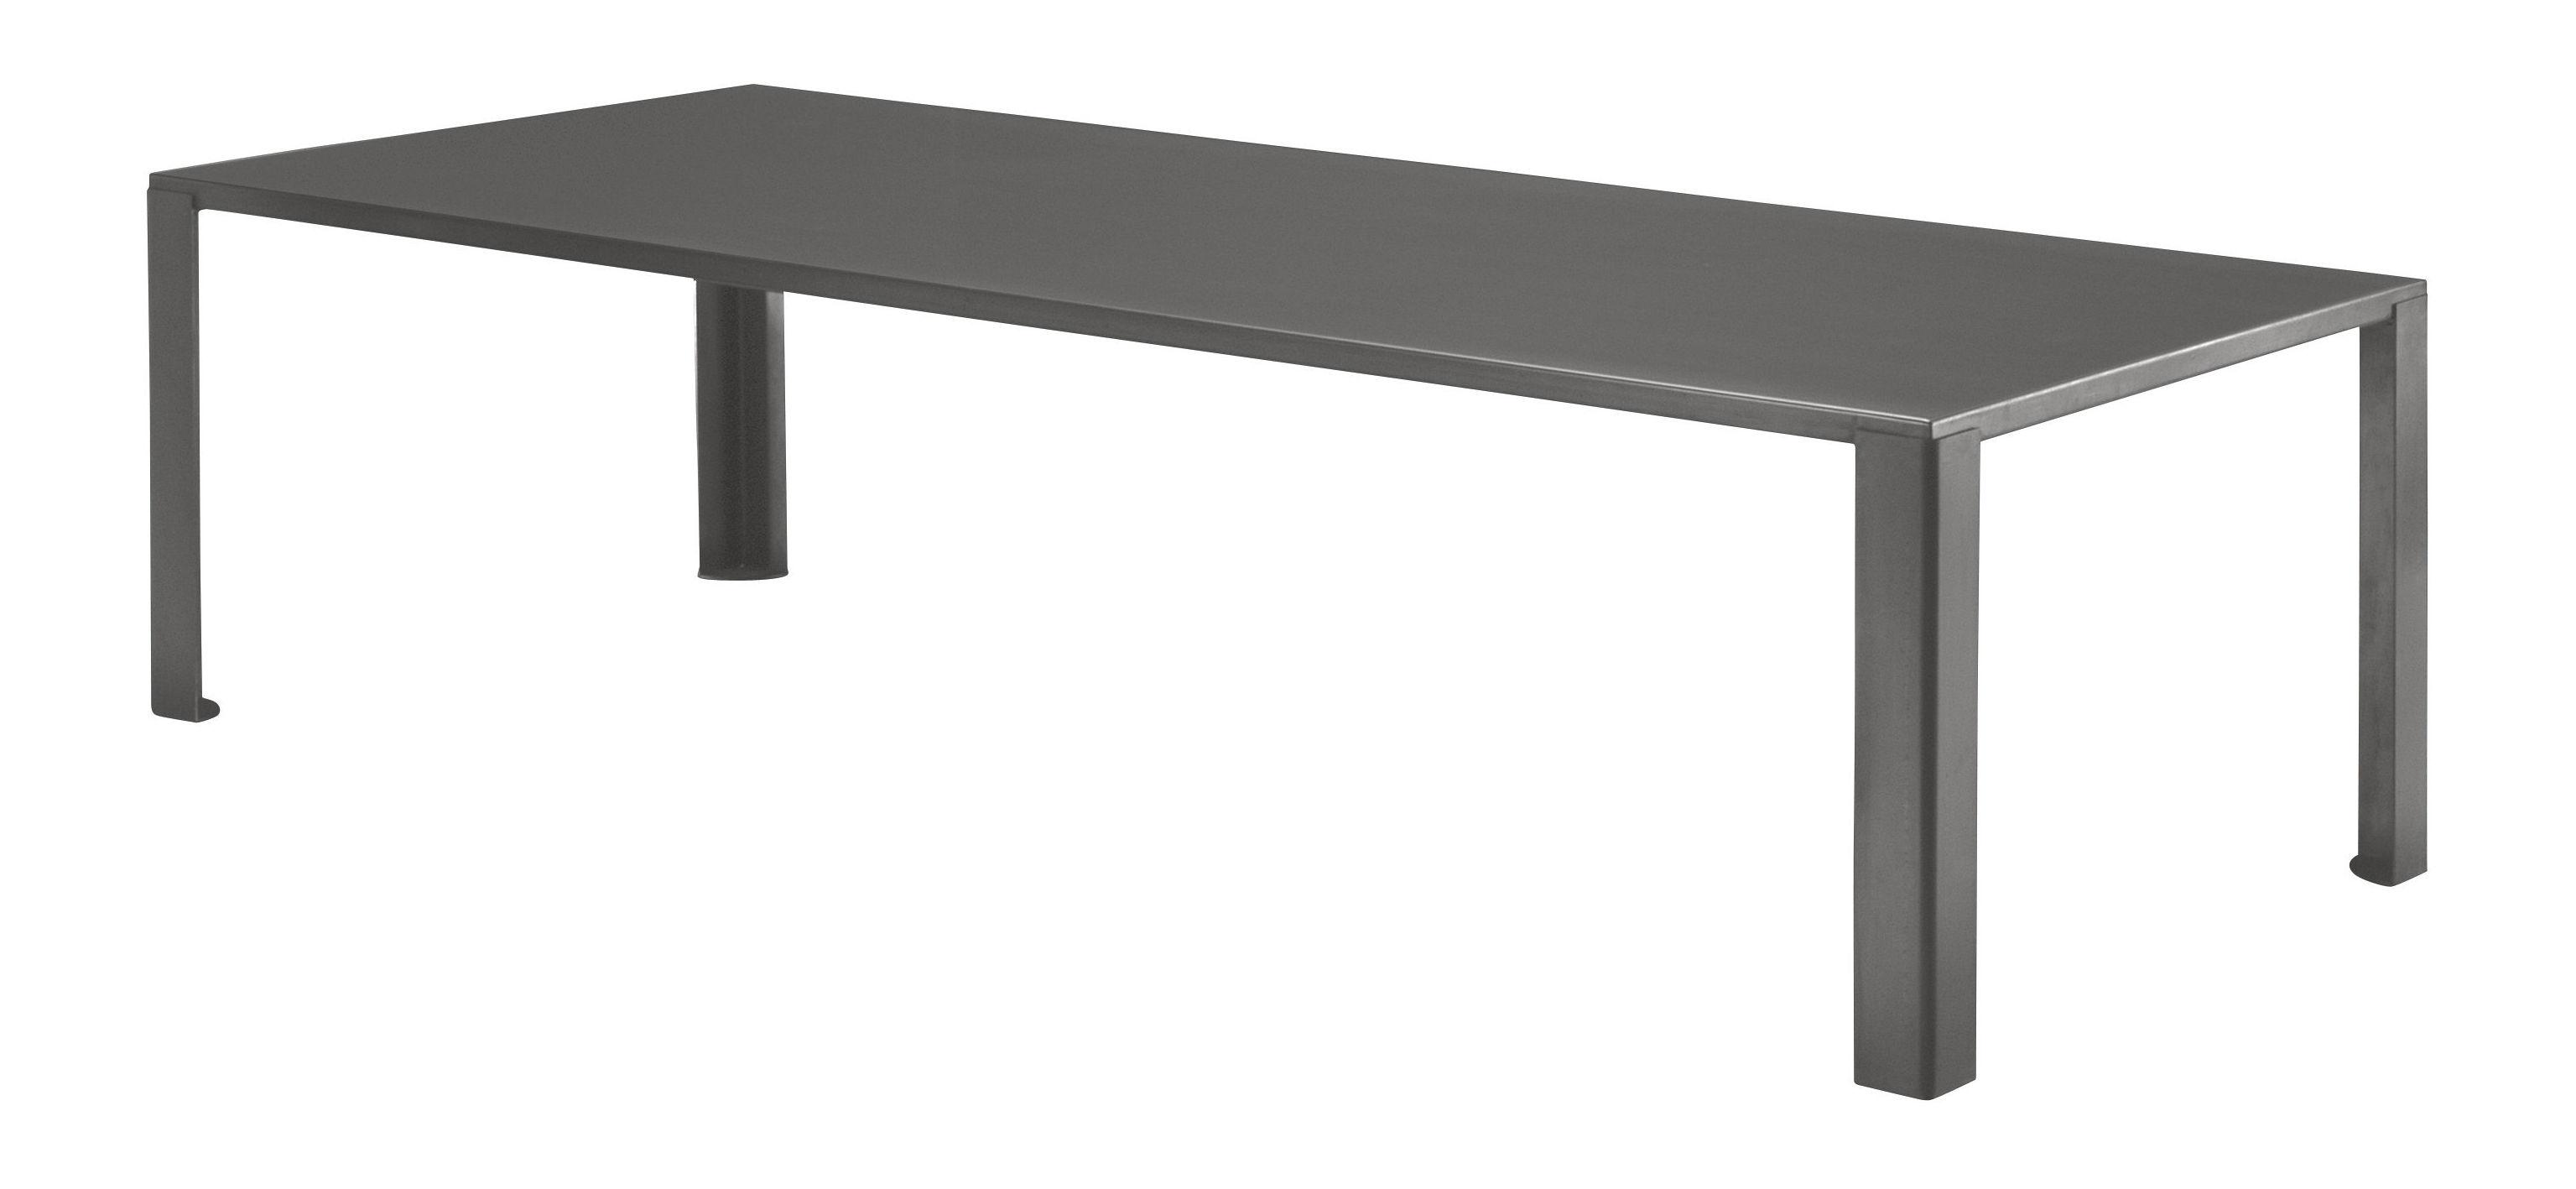 Table de jardin big irony outdoor l 160 cm gris chaud zeus for Table 85 cm de large